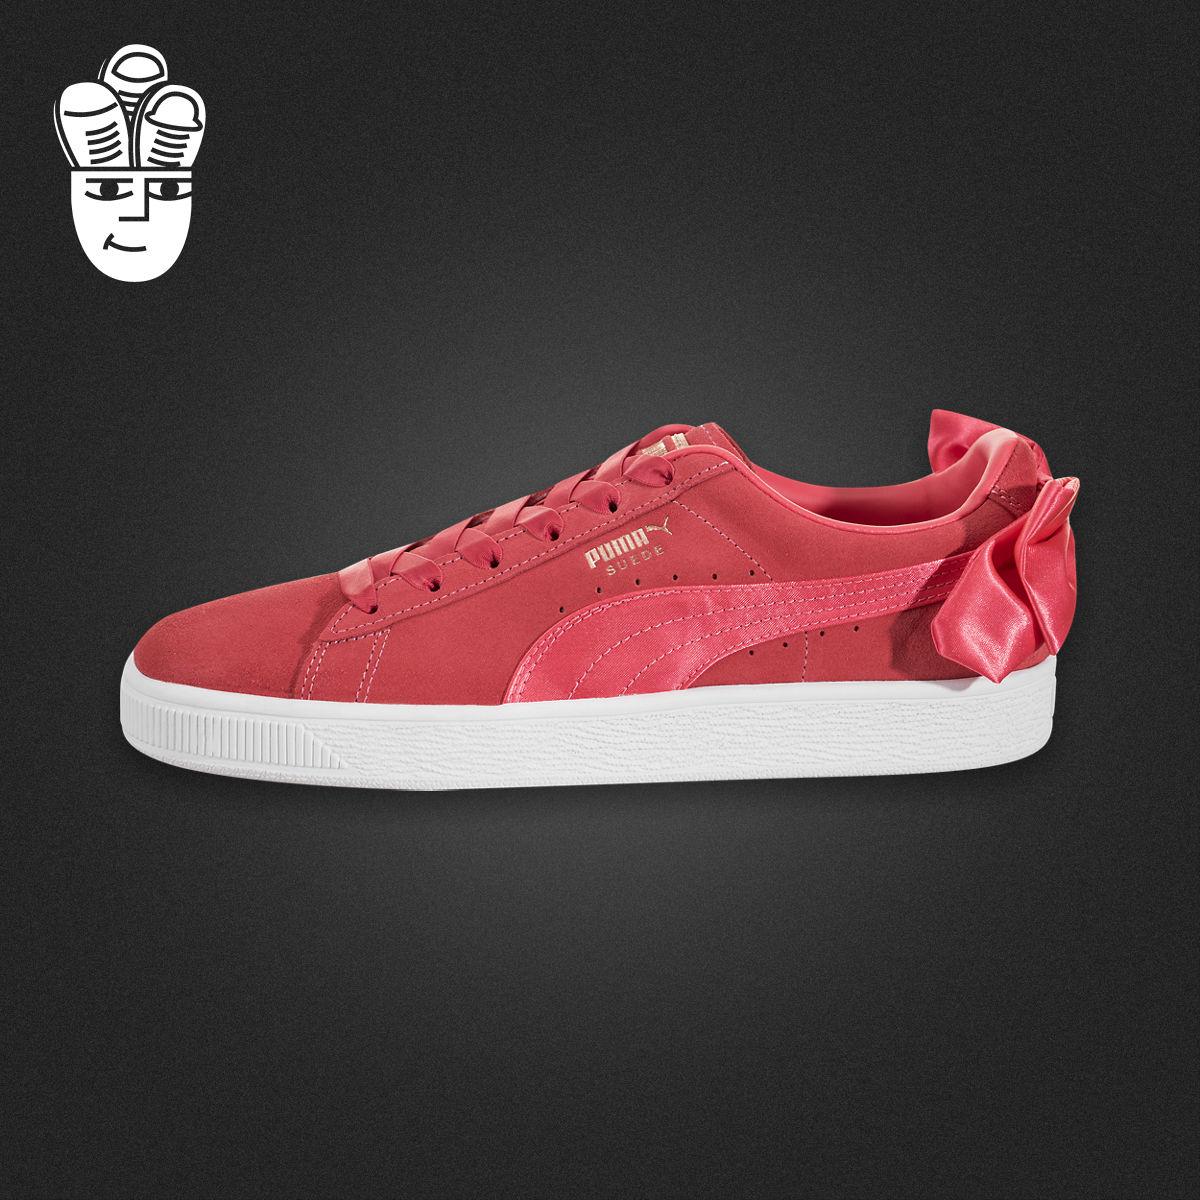 五折促销Puma Suede Bow 彪马女鞋 后跟蝴蝶结板鞋休闲鞋 娜扎同款